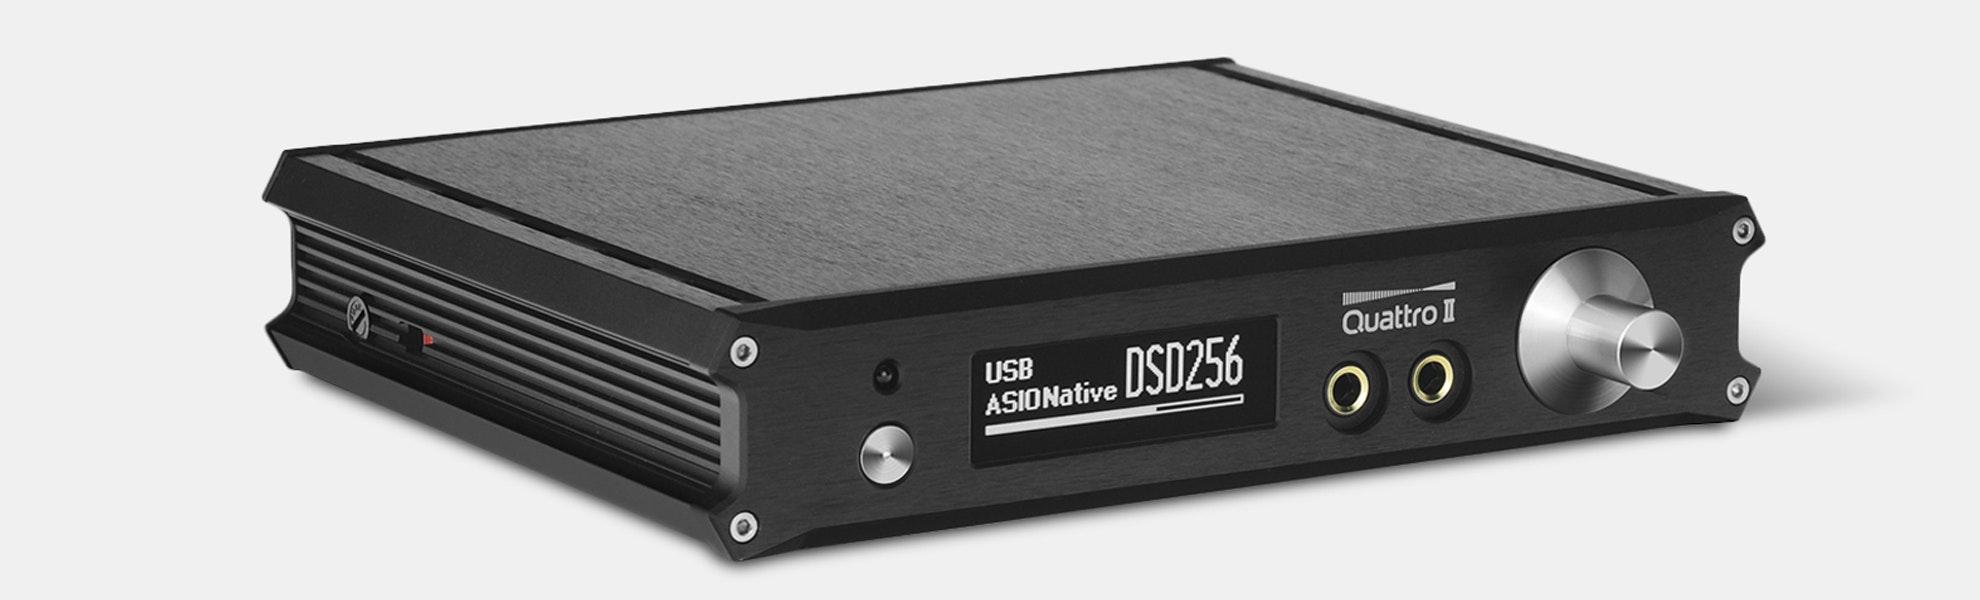 Matrix Quattro II DAC/Amp